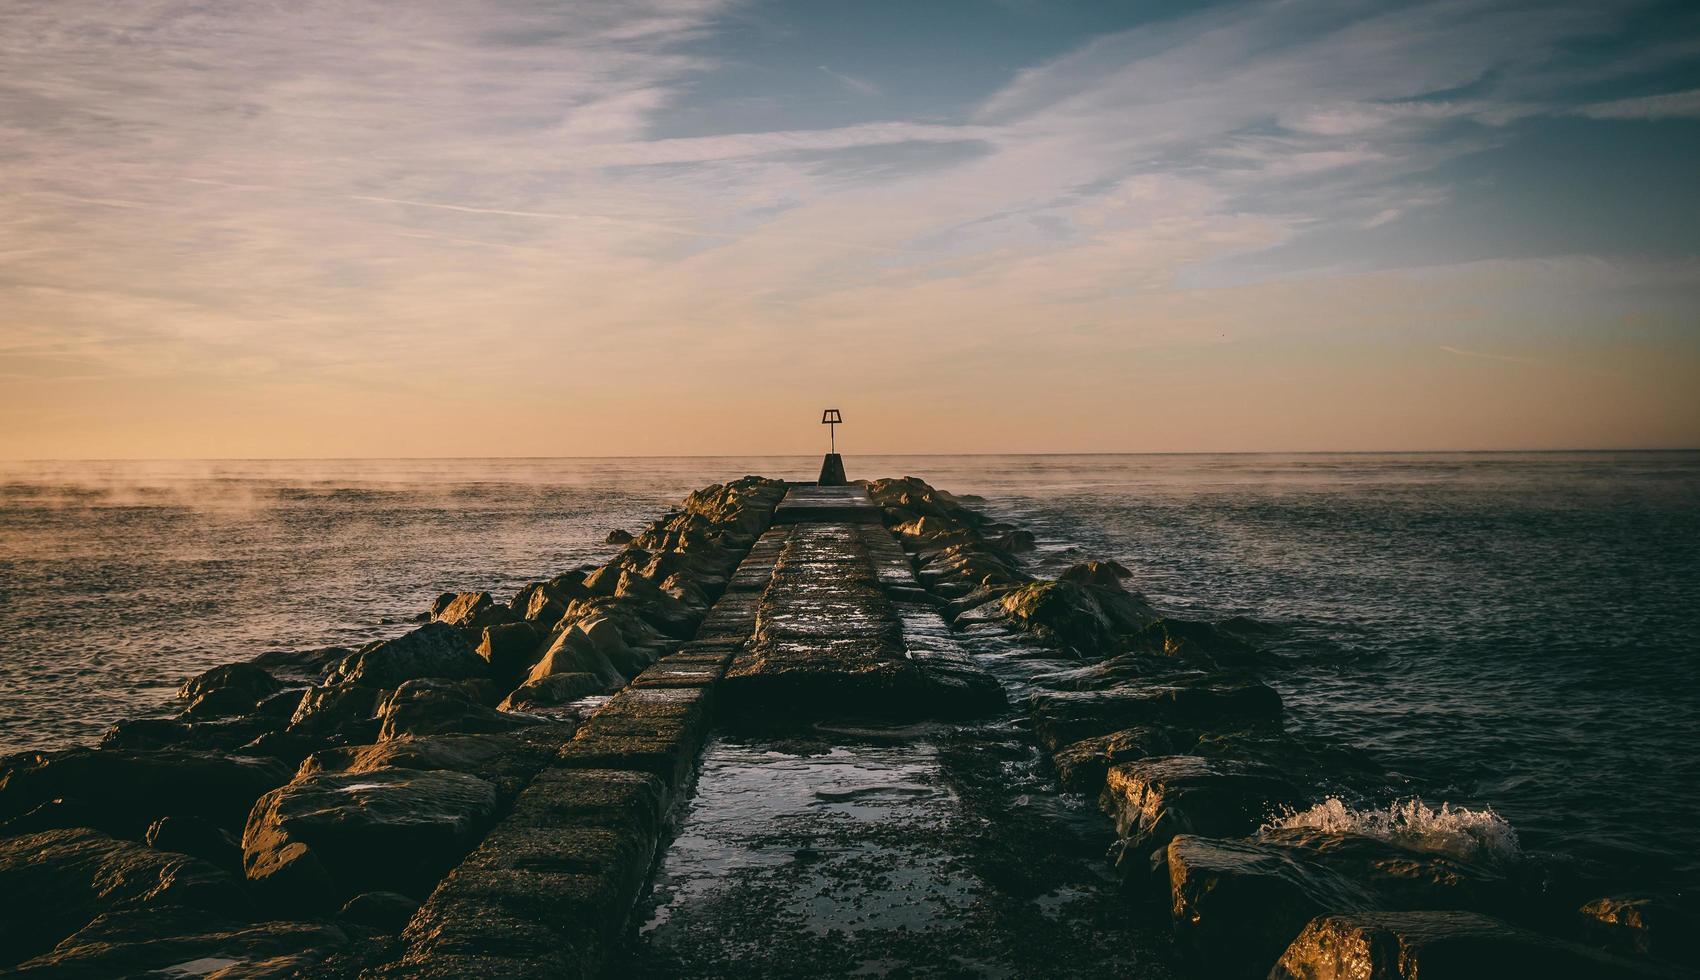 oceaansteiger bij dageraad foto